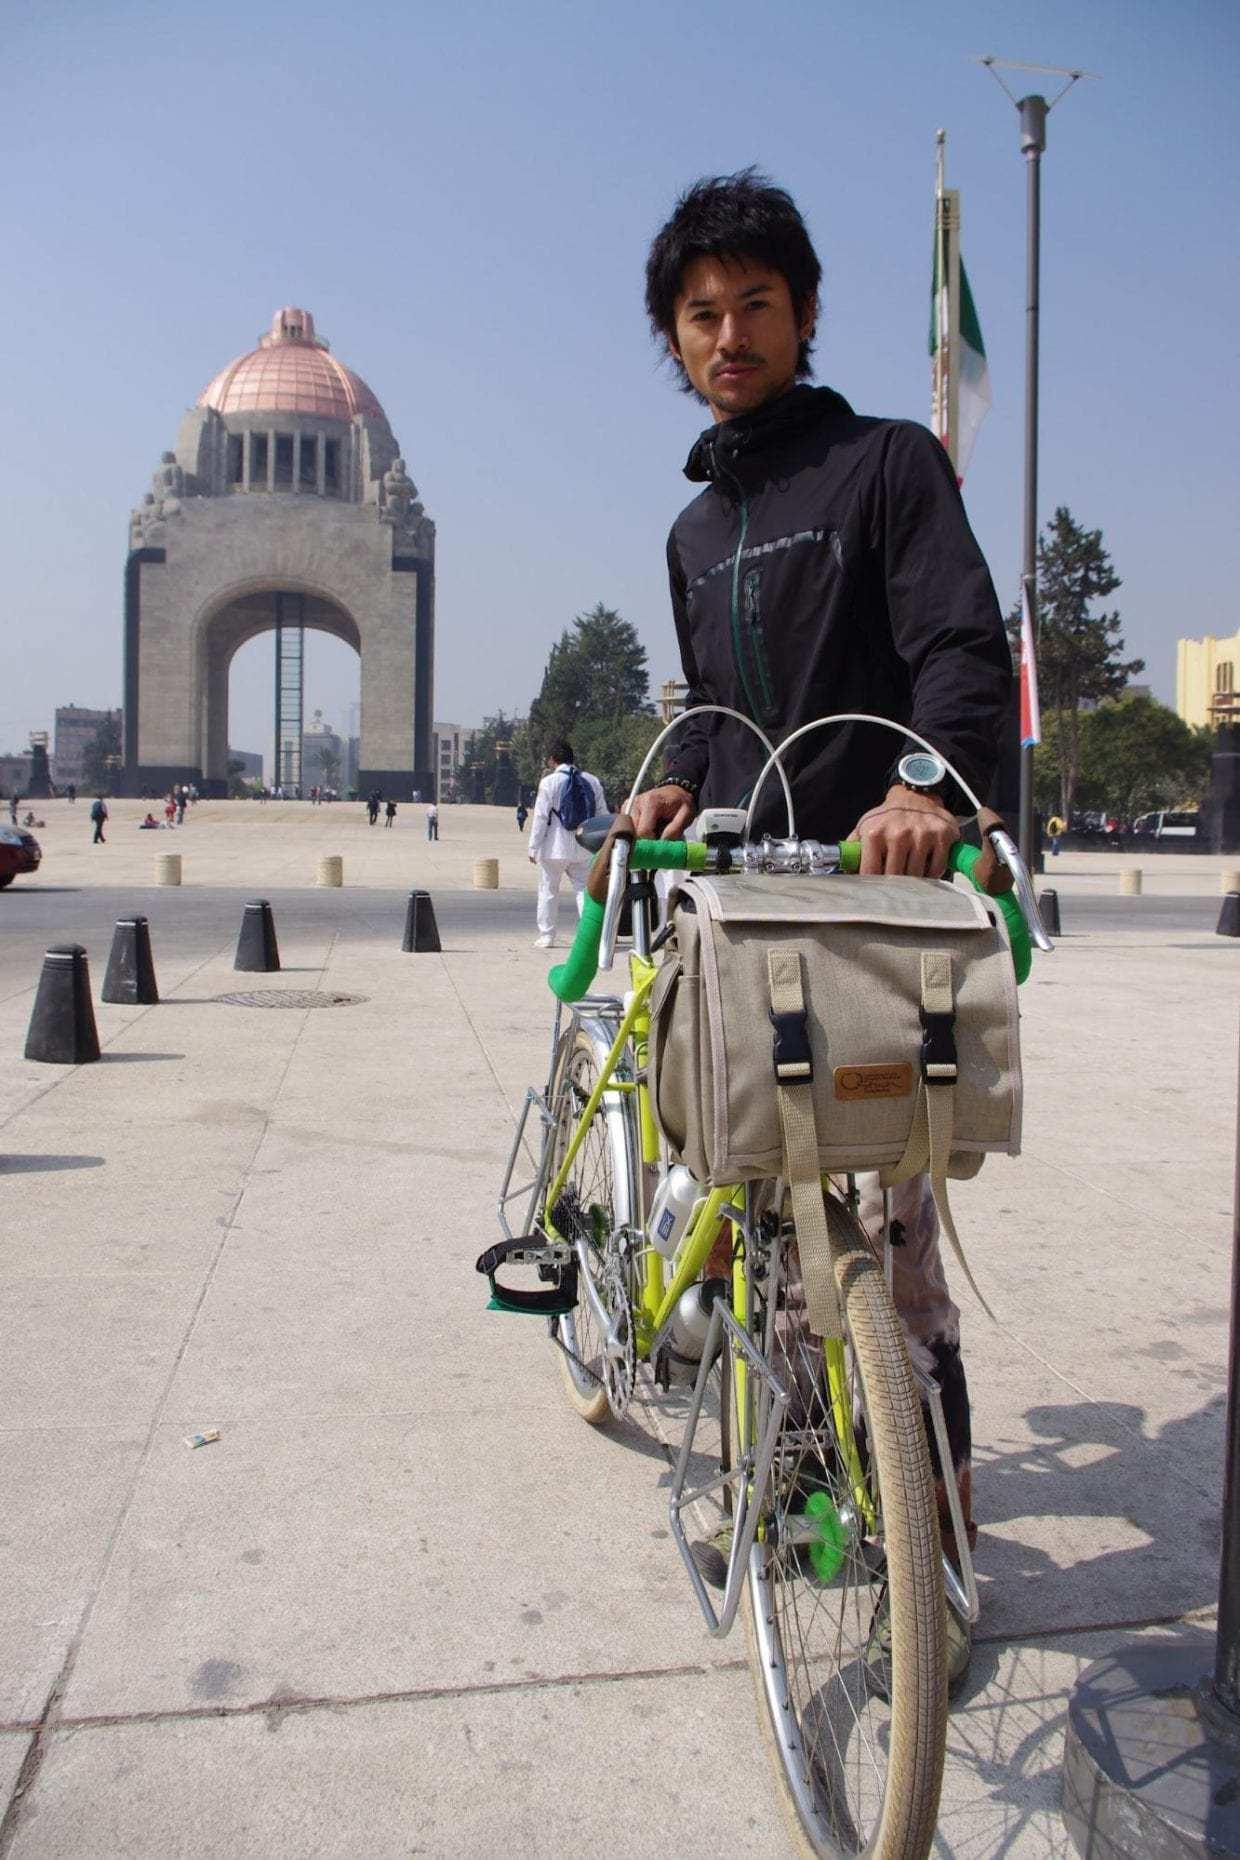 まずは自転車で旅に出てみよう!~2泊3日「バイク&キャンプ」のレシピ#01